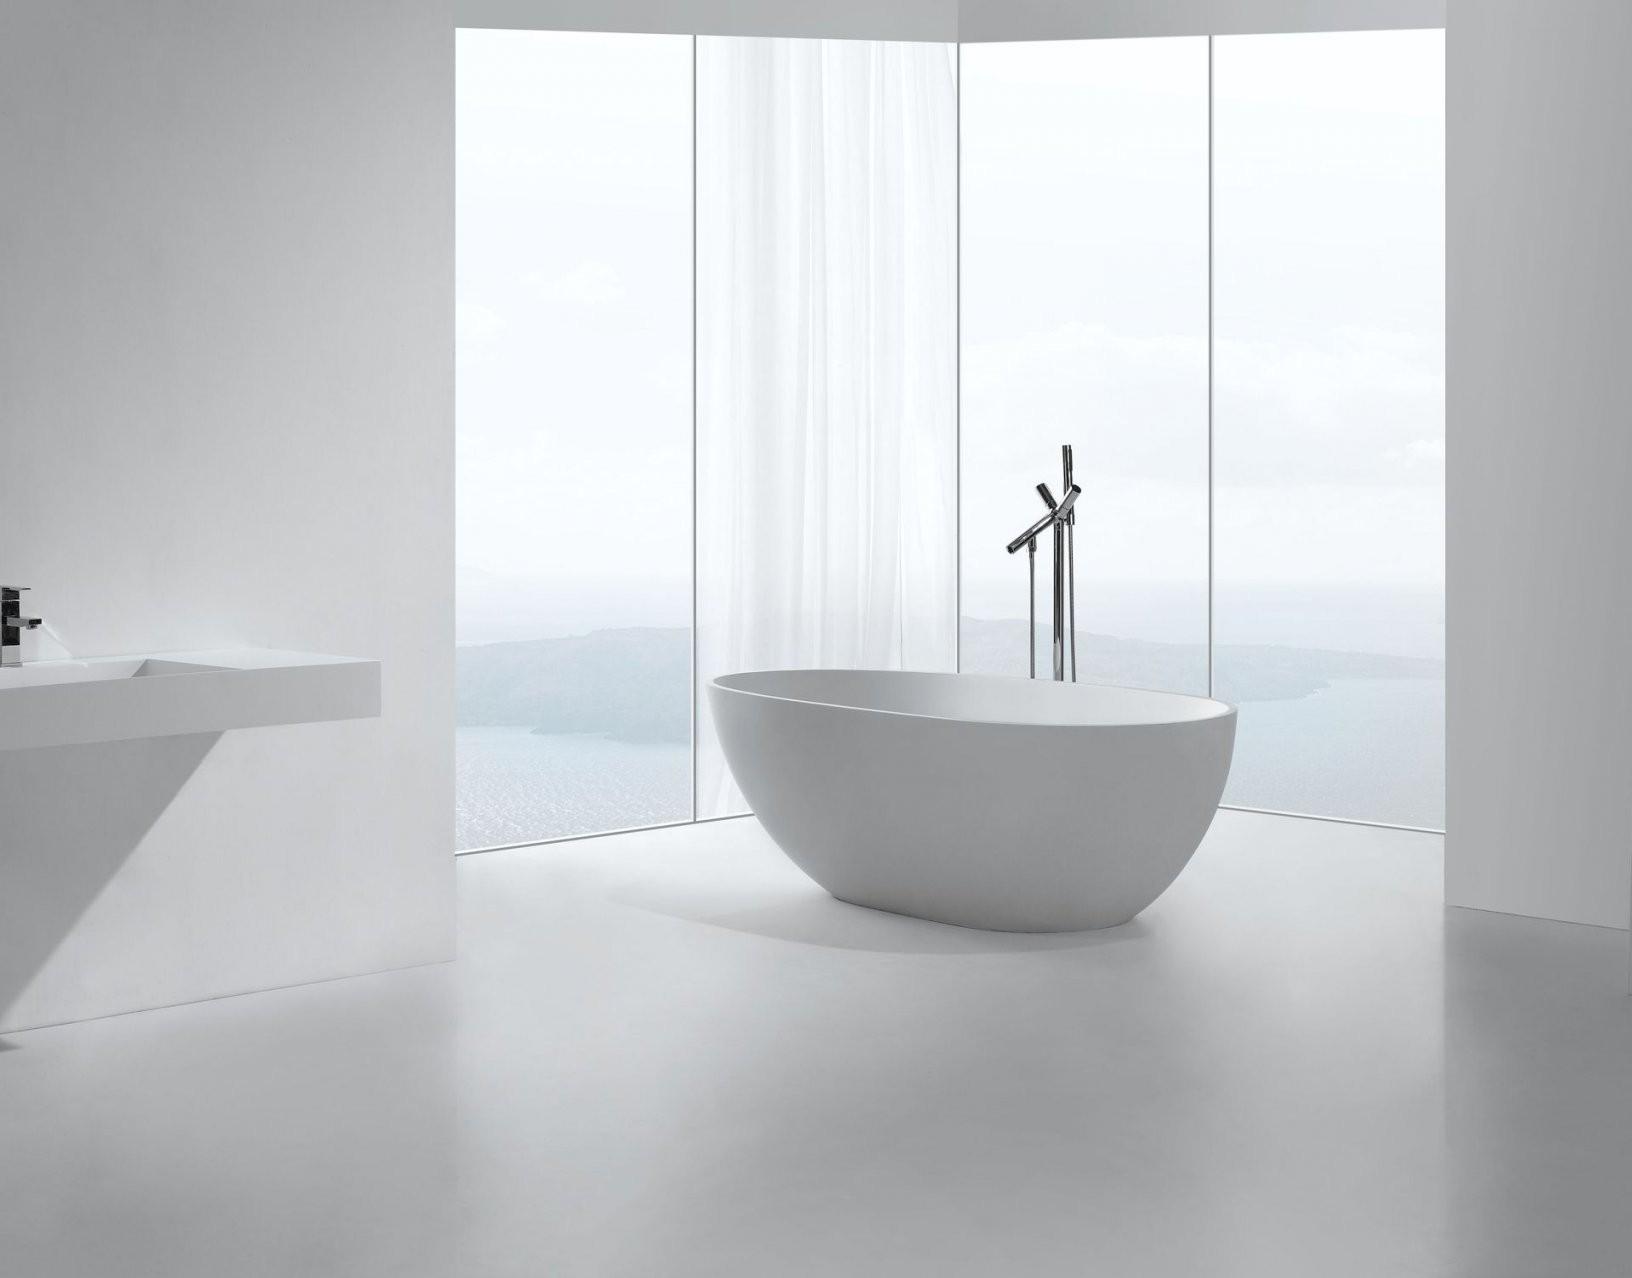 Freistehende Badewanne Bwix118 von Kleine Badewannen Freistehend Bild